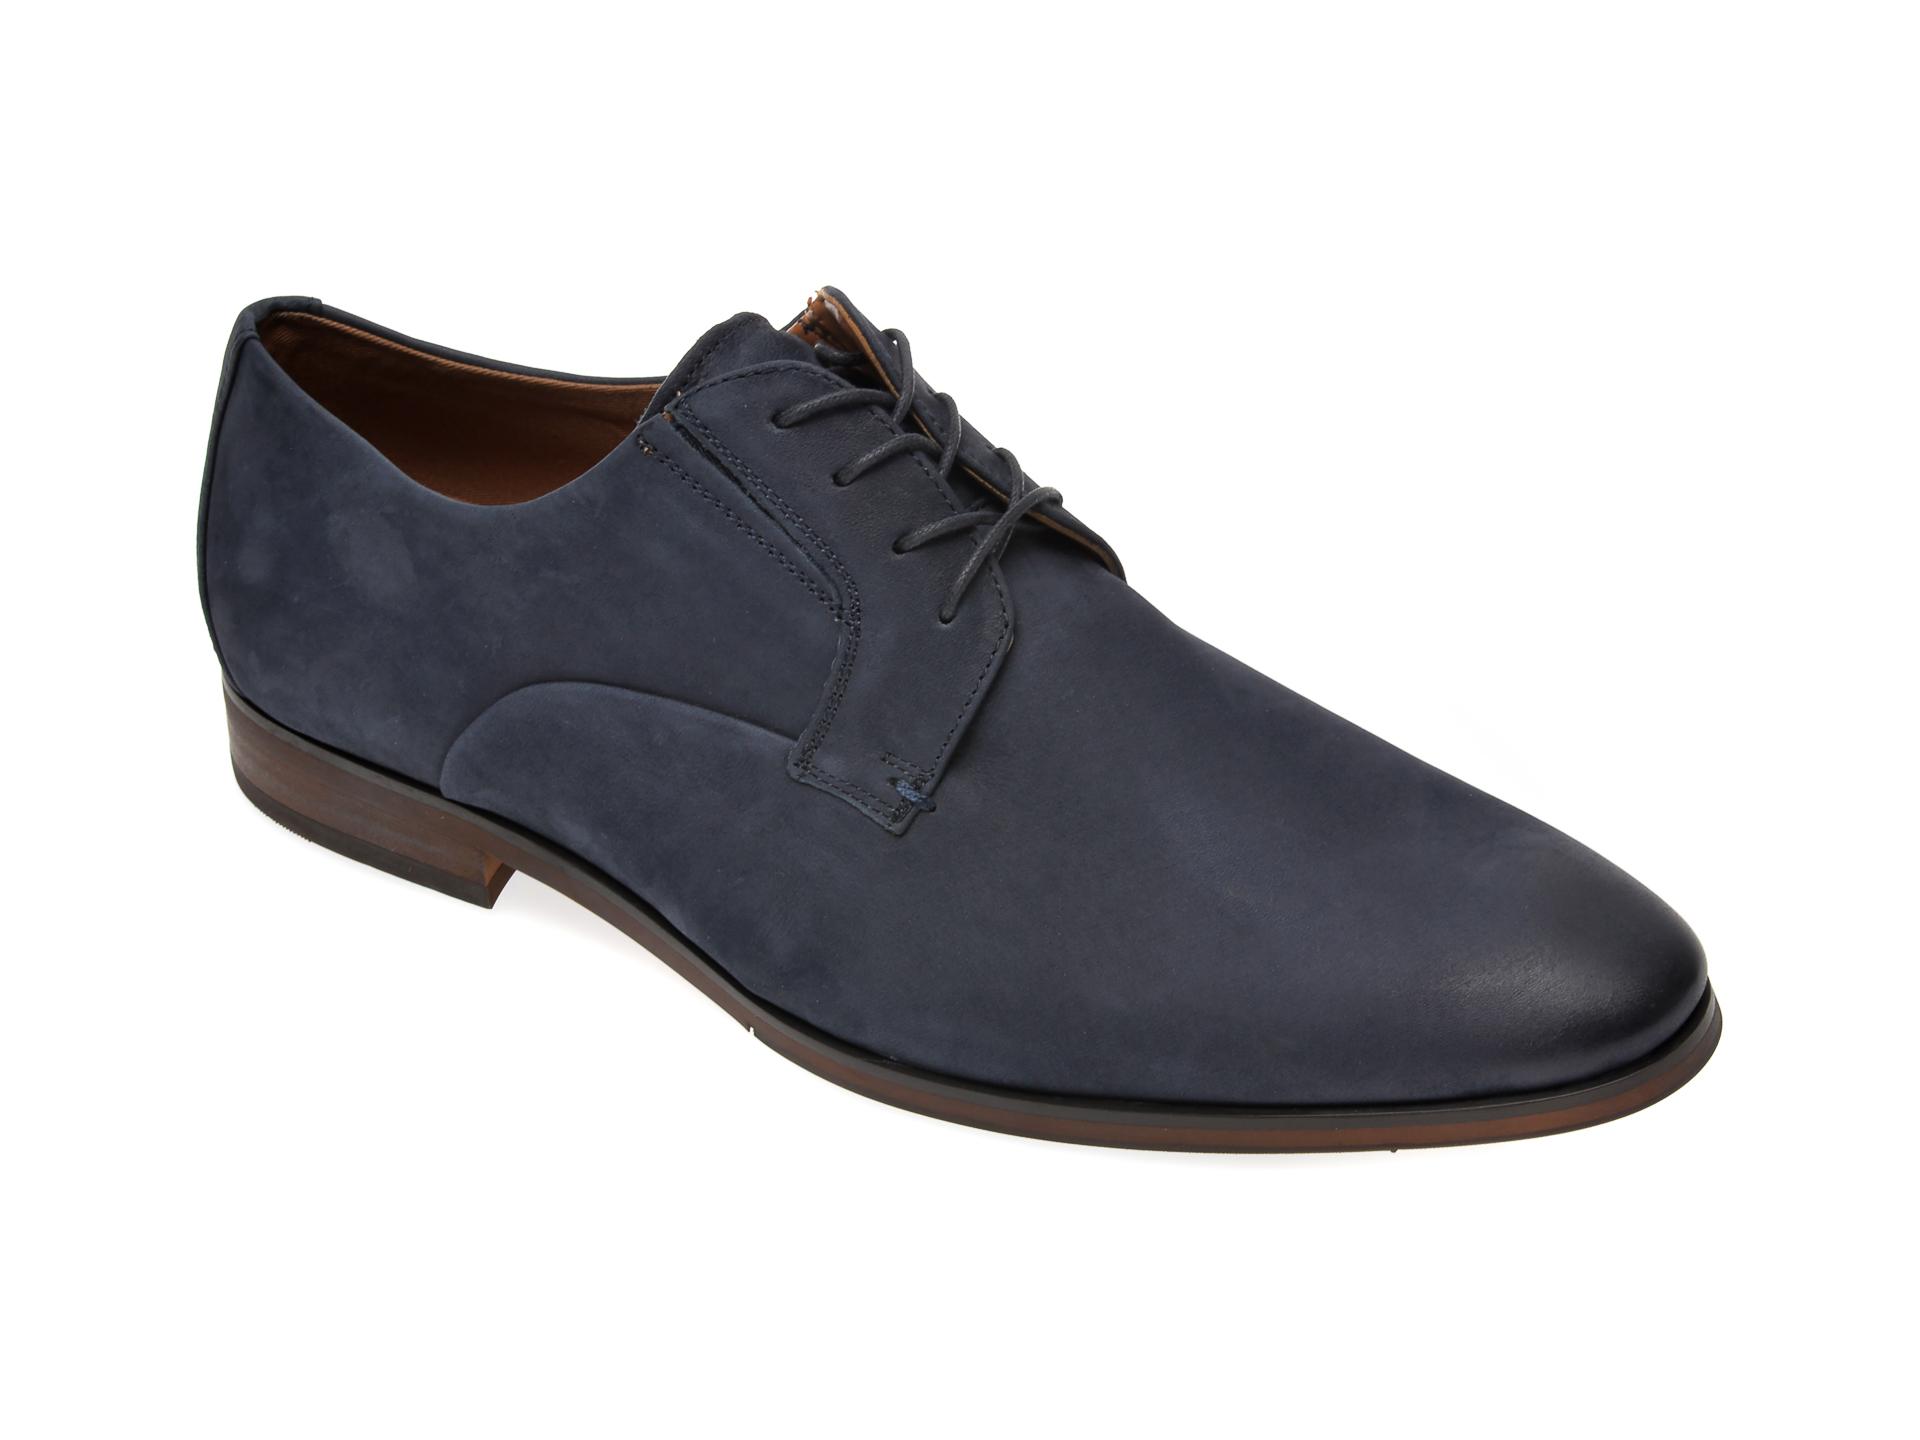 Pantofi ALDO bleumarin, Eowelalian410, din nabuc imagine